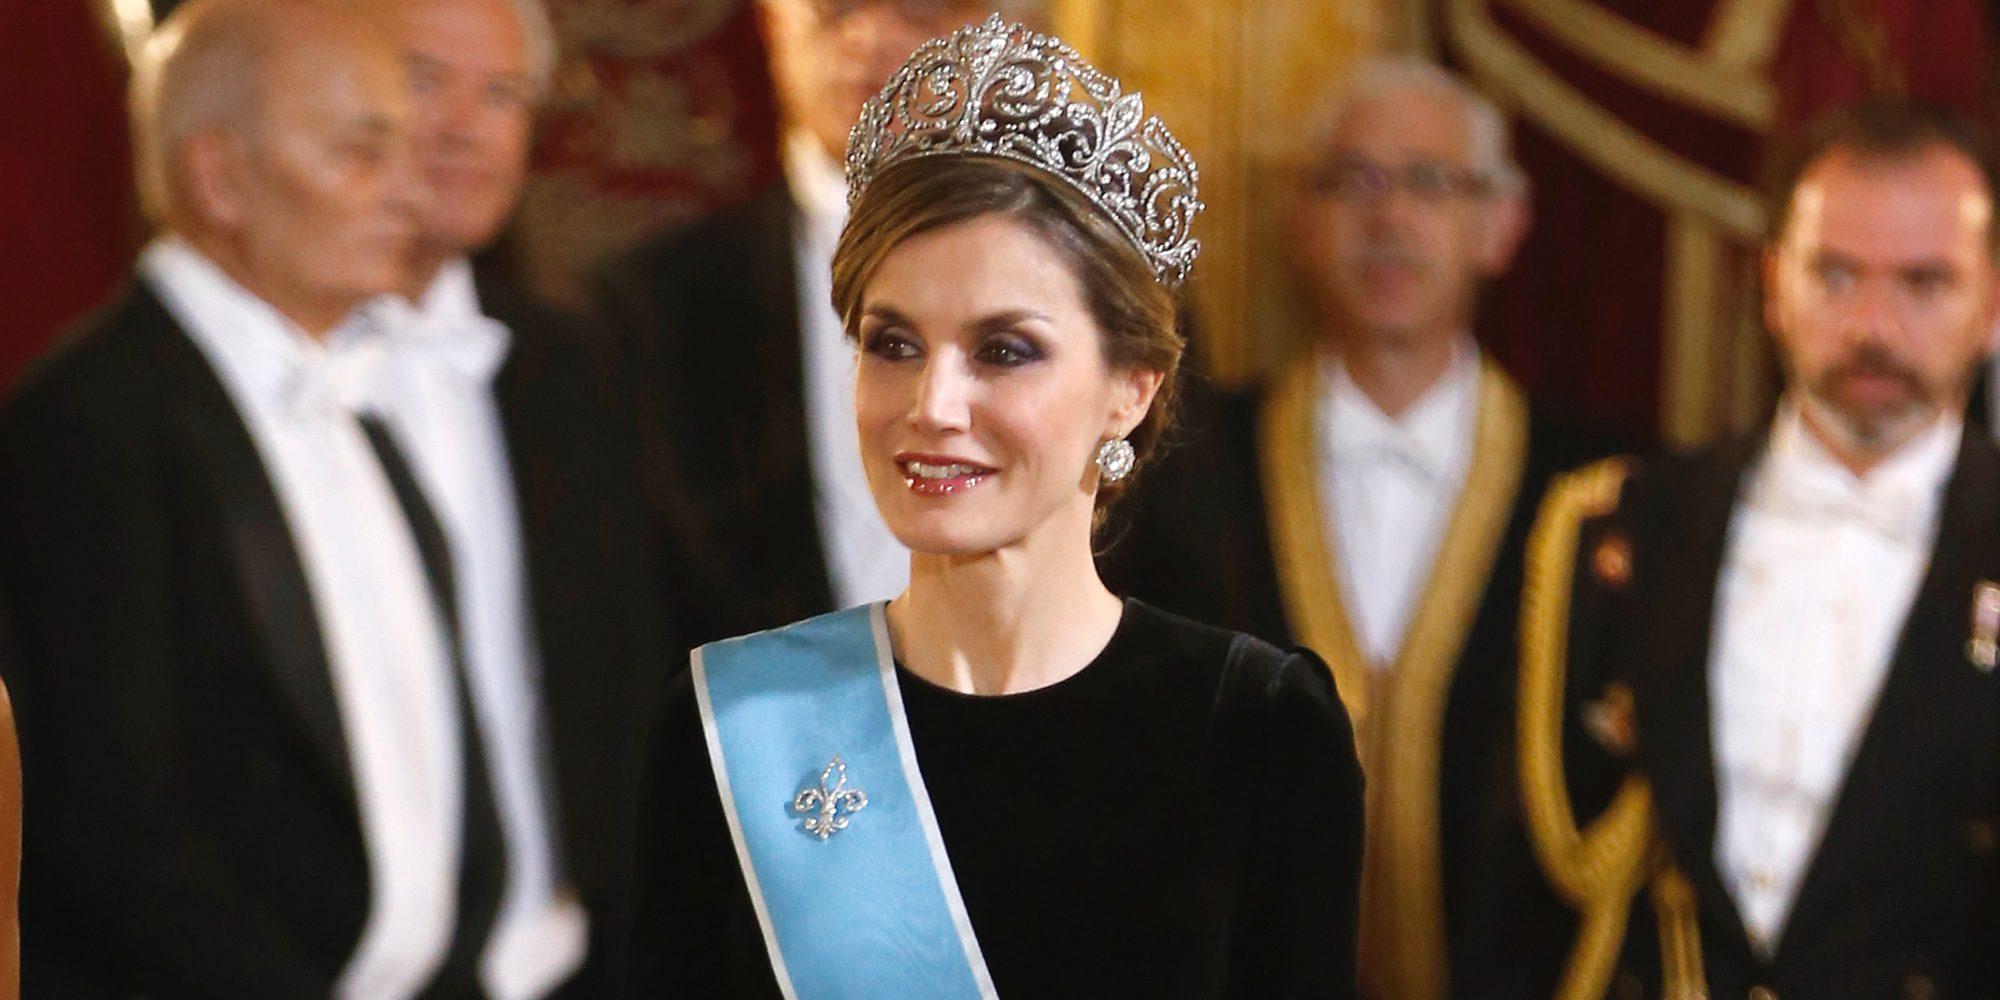 La Reina Letizia saca del joyero real la tiara de la Reina Victoria Eugenia para la cena de gala al presidente Macri